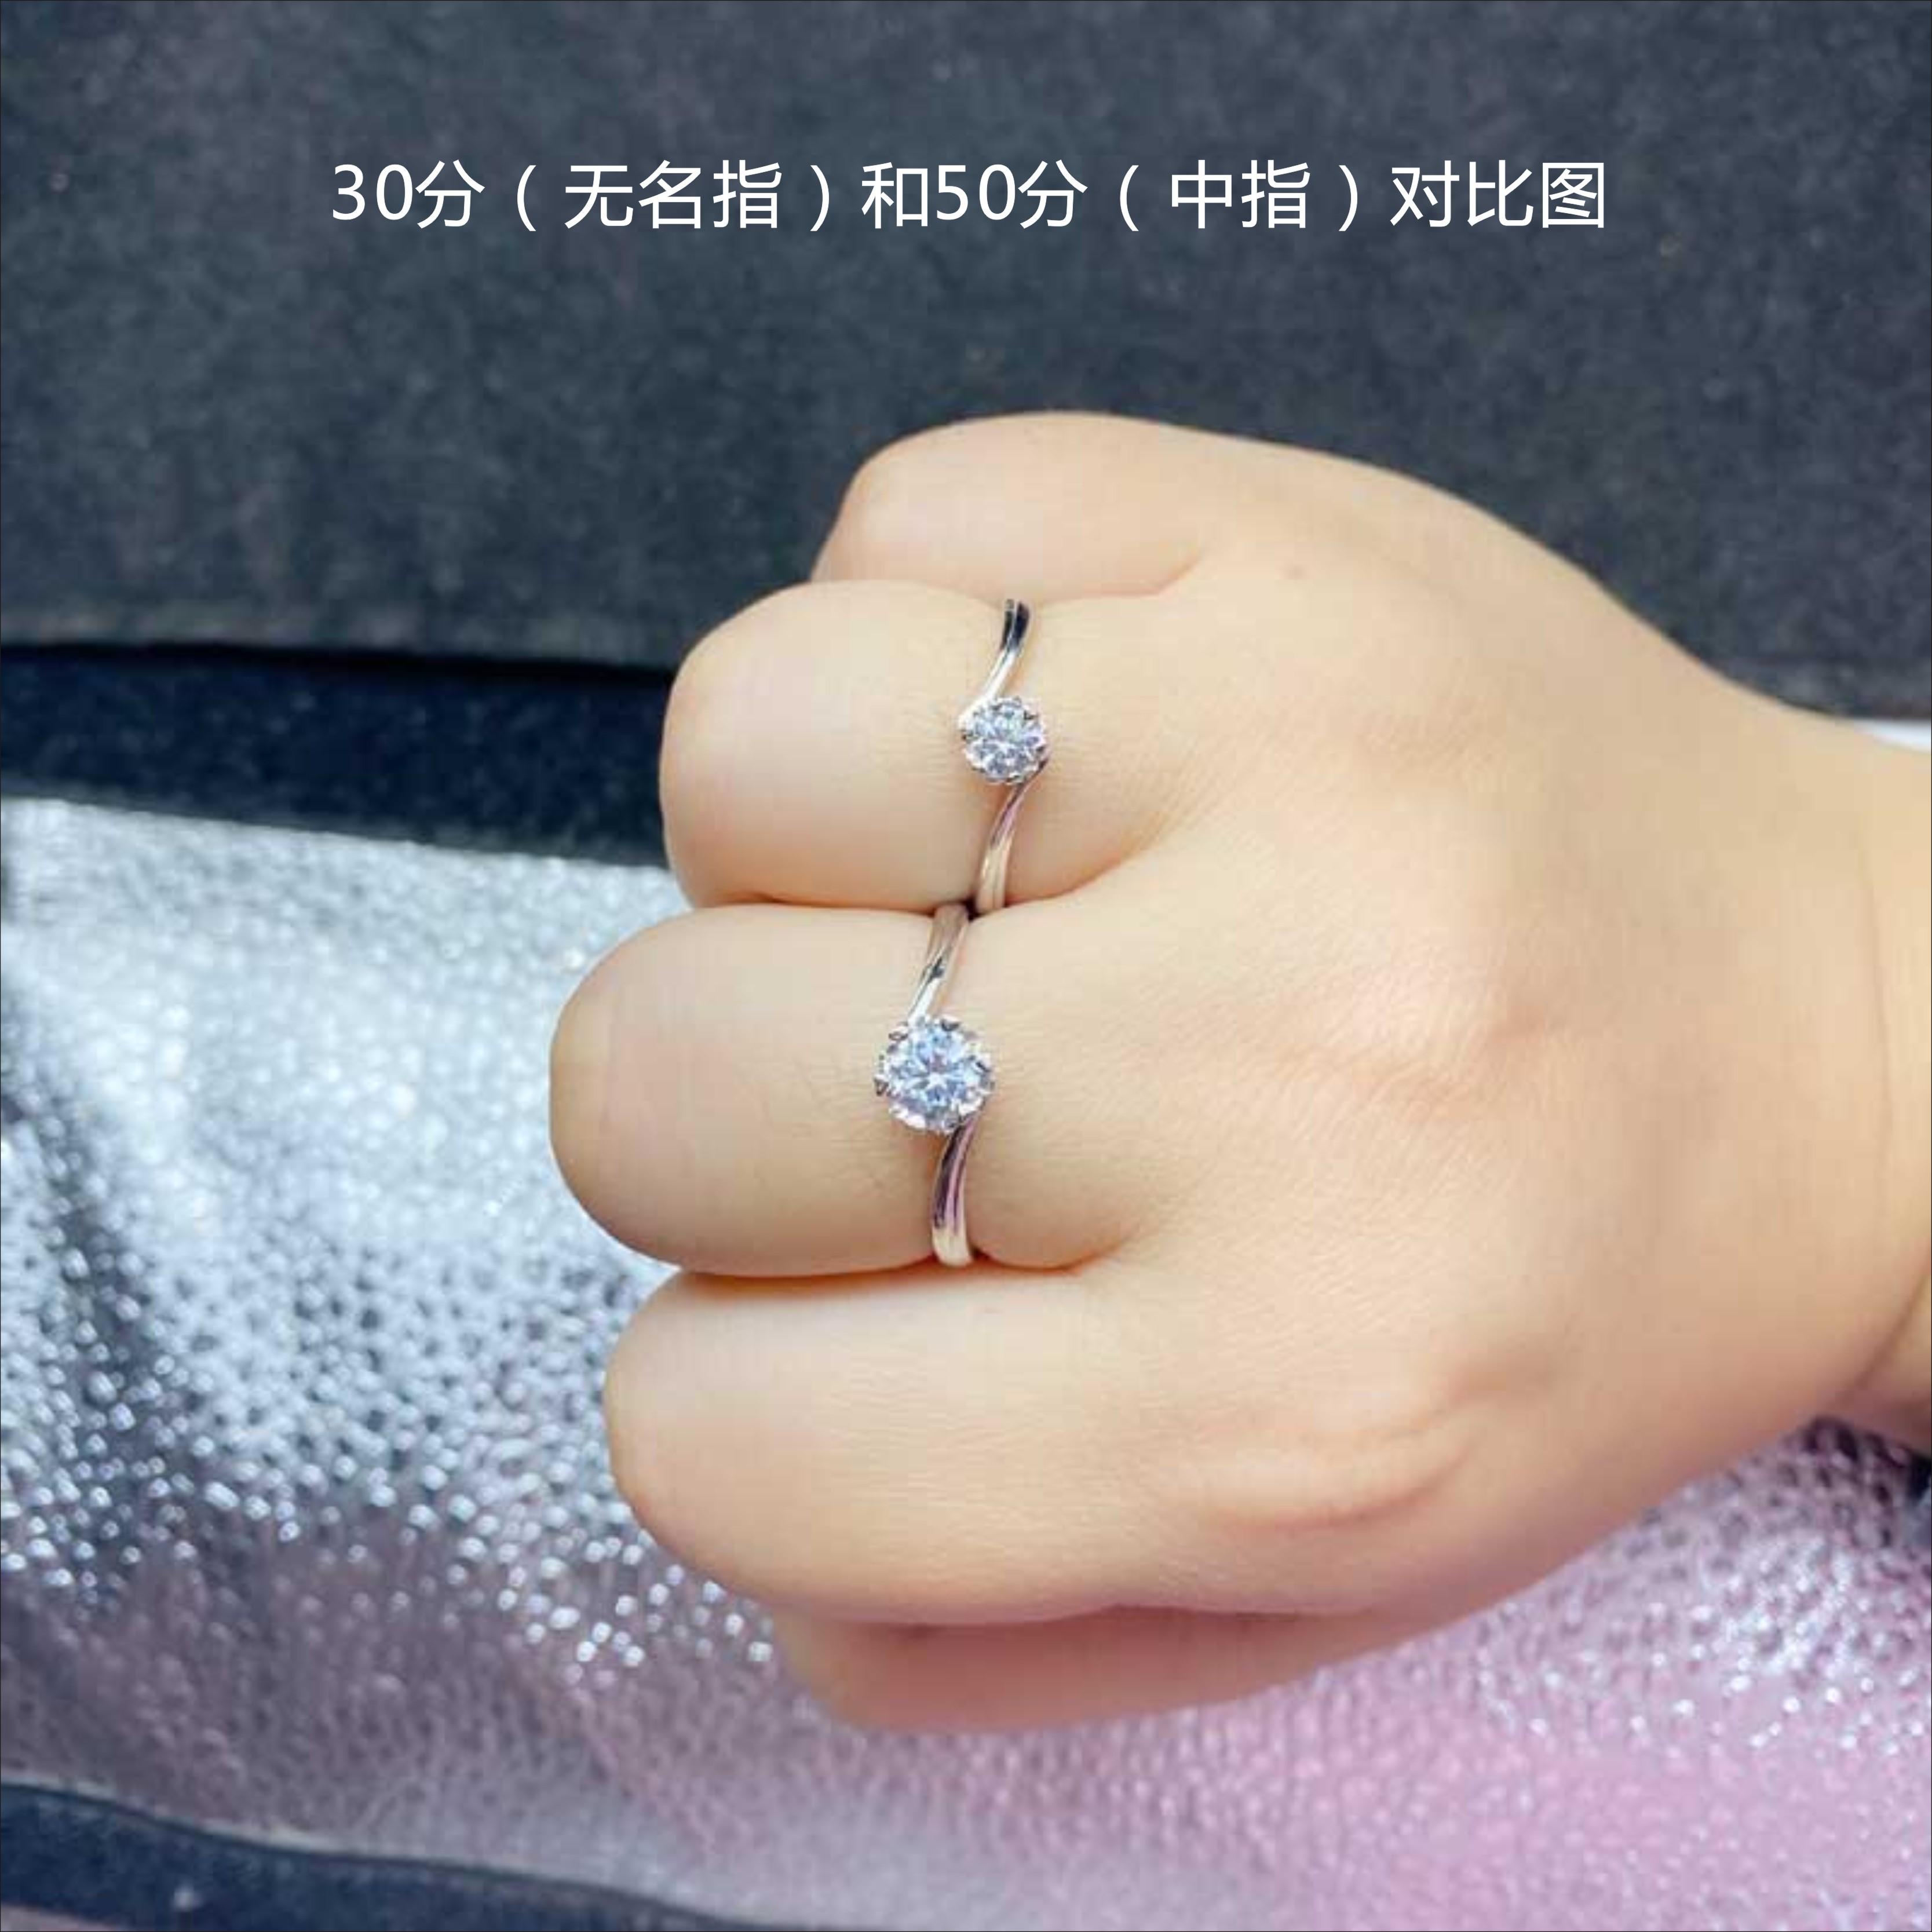 50  色钻 D 30 分雪花款莫桑石戒指 分纯银仿真钻戒女结婚求婚戒指进口